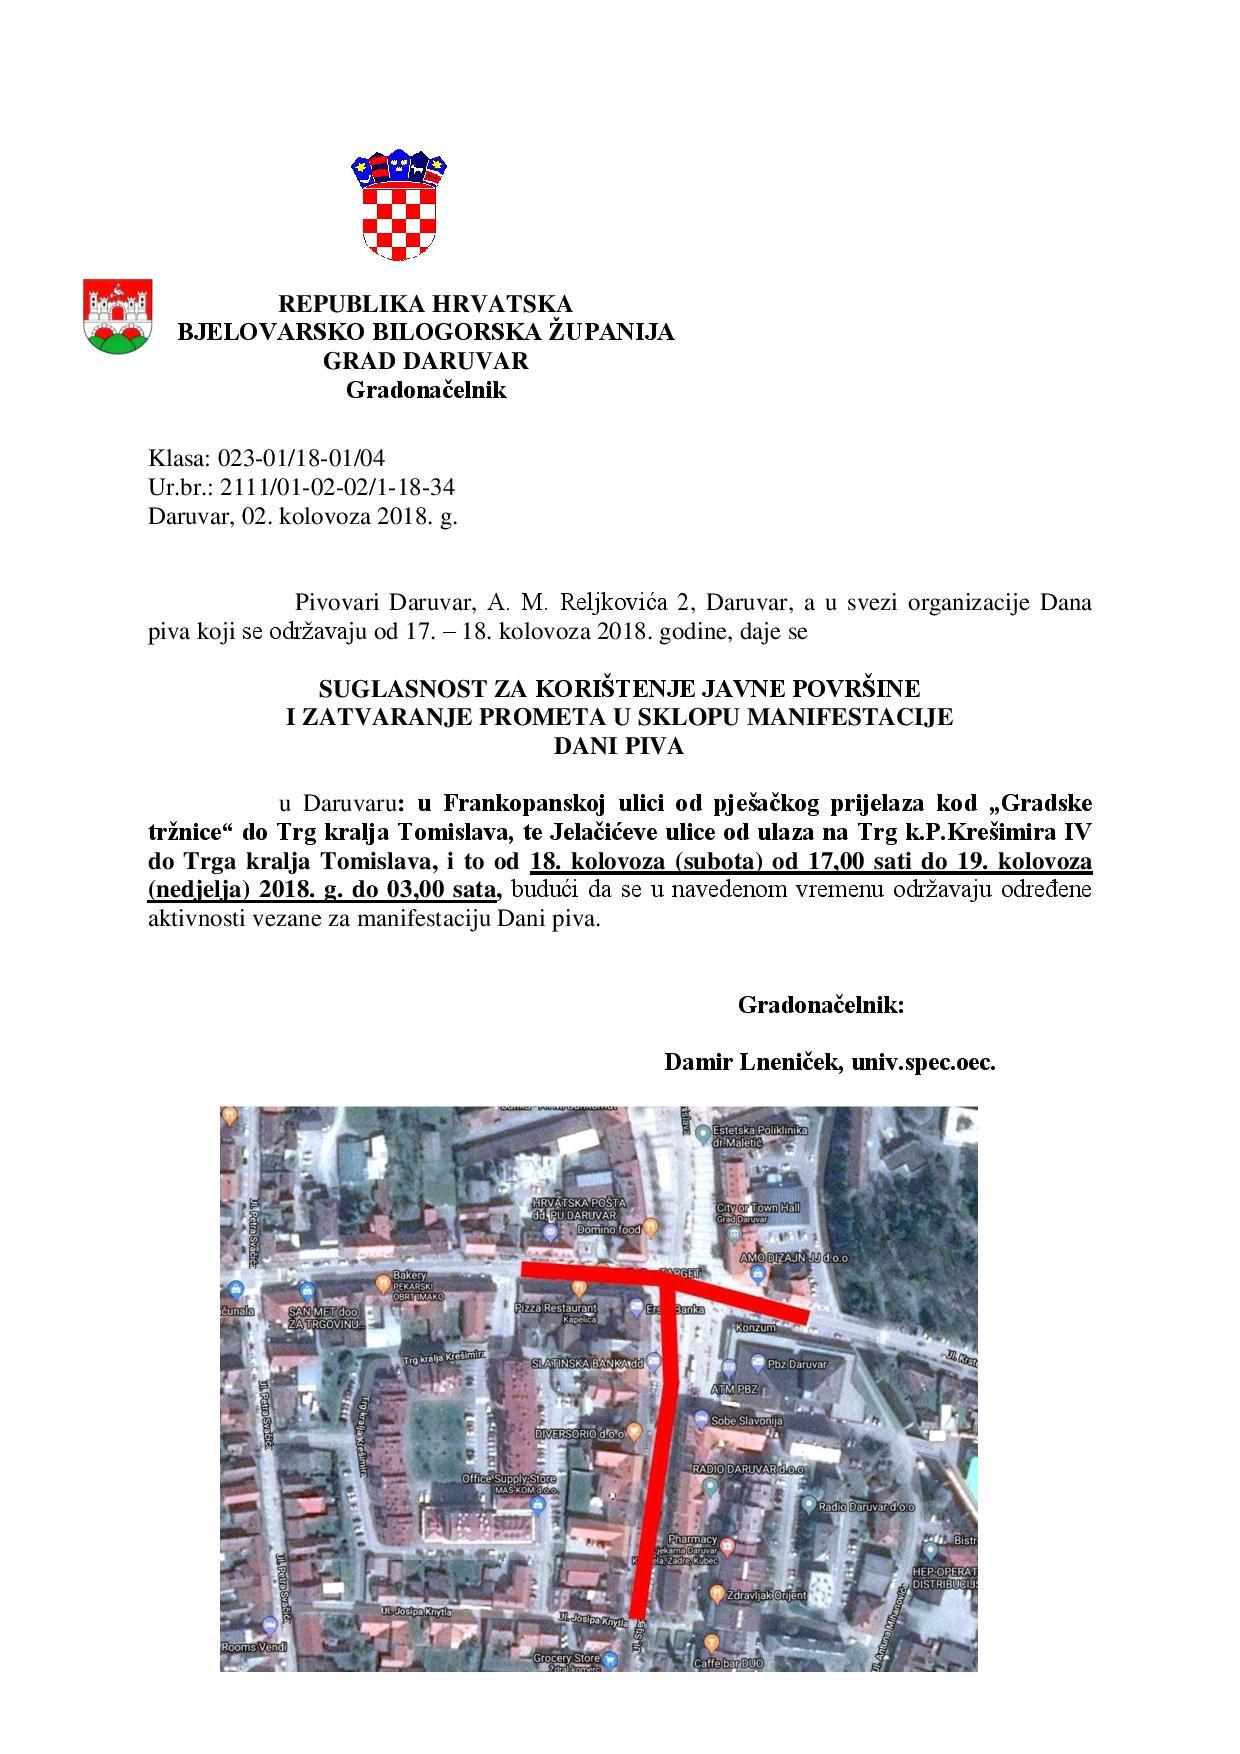 Suglasnost za zatvaranje prometa DP-page-001